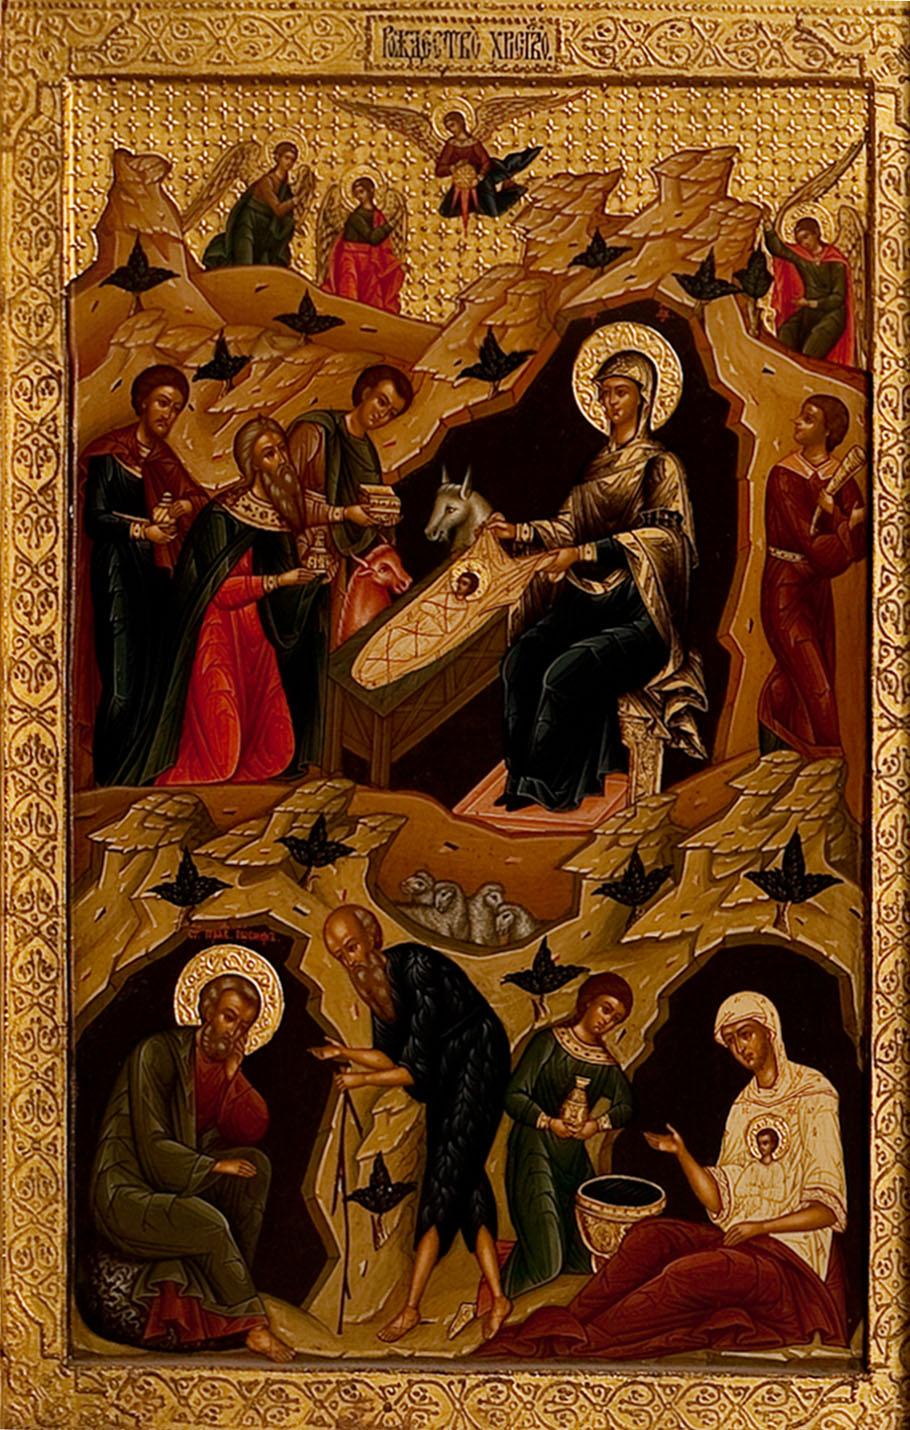 Икона «Рождество Христово». Конец XIX в. Из местного ряда иконостаса церкви Василия Блаженного